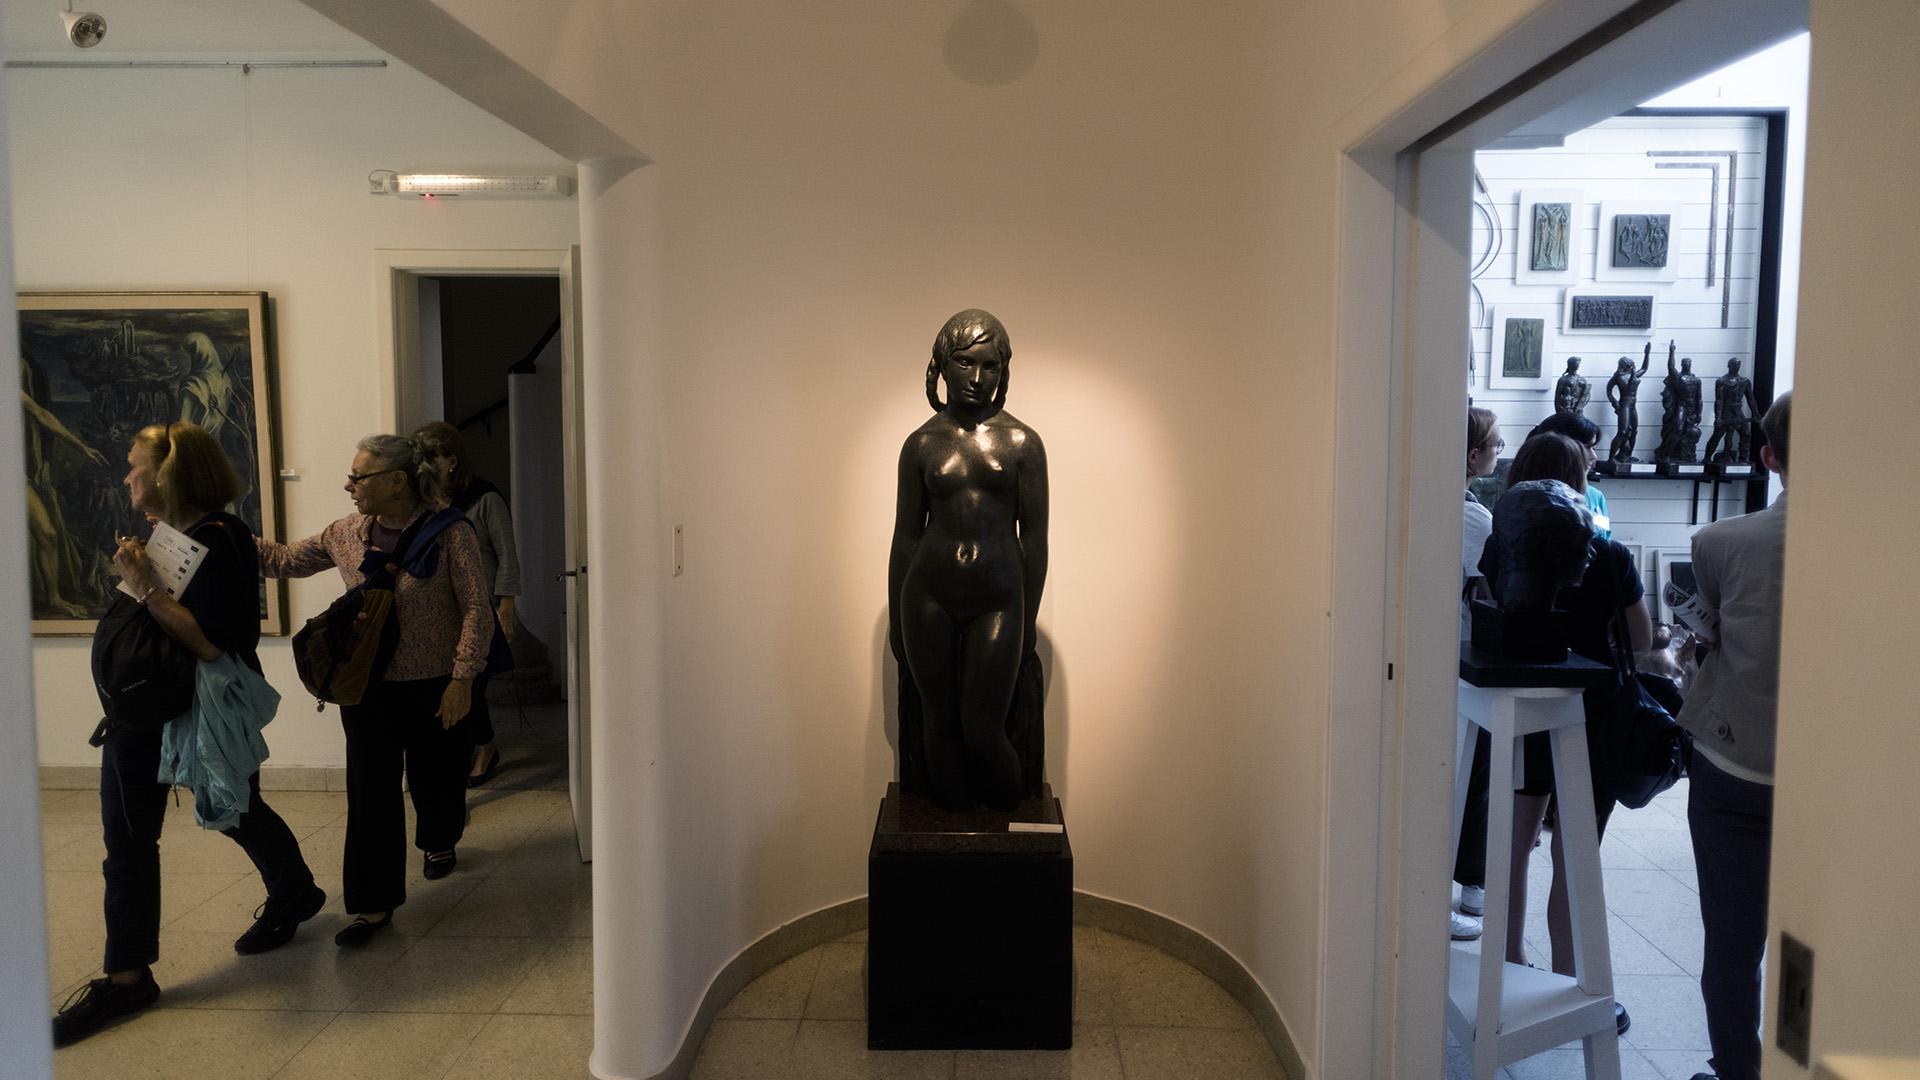 Su visita nos permite conocer una de las viviendas modernas más interesantes construidas en Buenos Aires, además de la posibilidad de tener contacto con una gran cantidad de obras de los dos artistas, expuestas allí